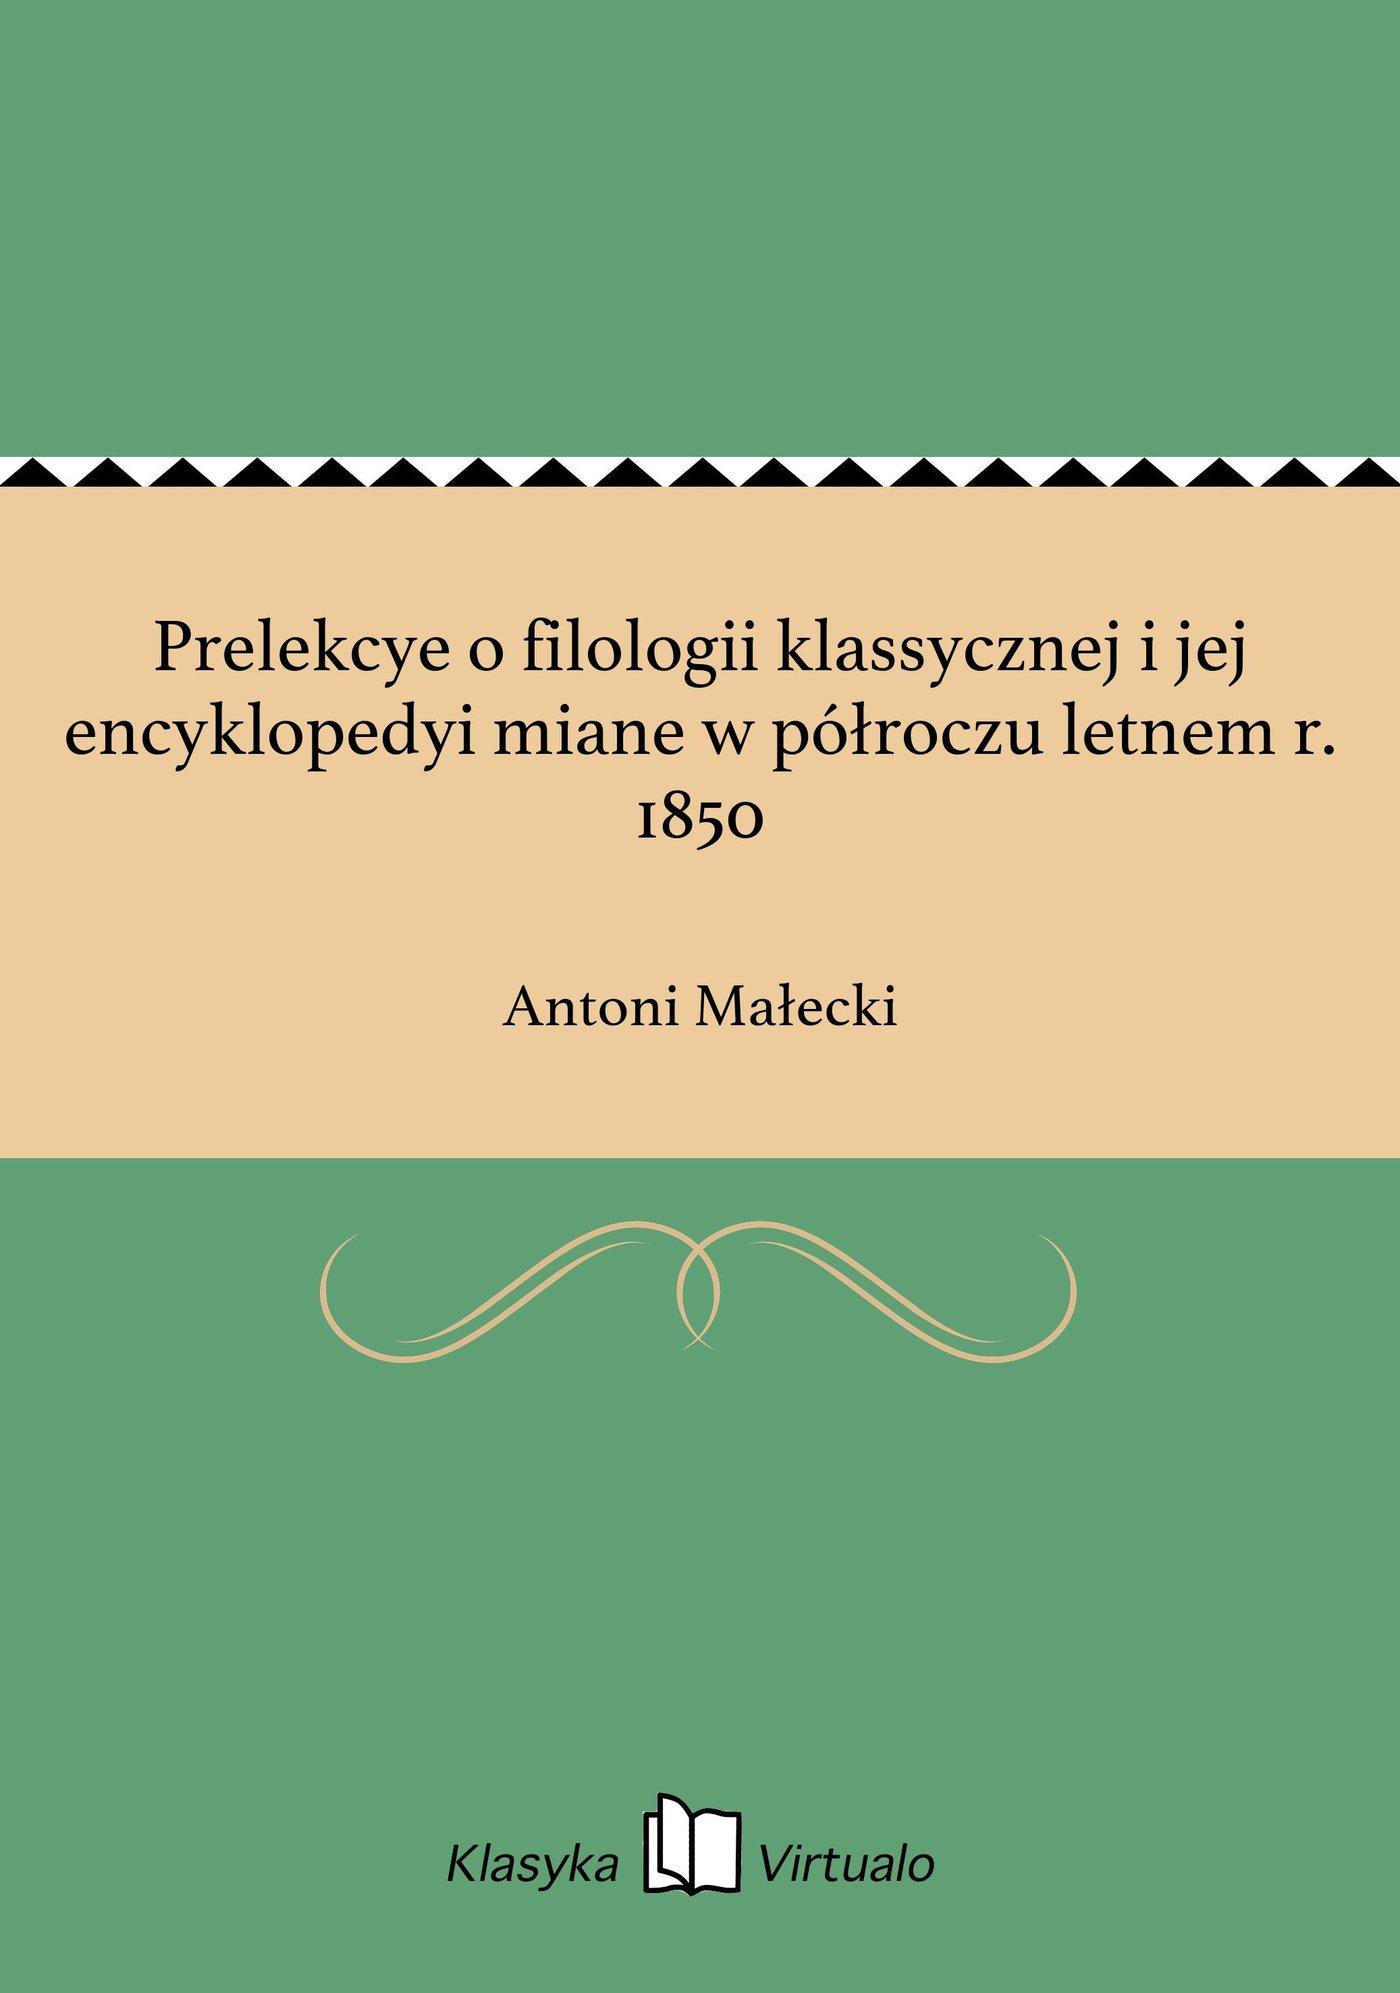 Prelekcye o filologii klassycznej i jej encyklopedyi miane w półroczu letnem r. 1850 - Ebook (Książka EPUB) do pobrania w formacie EPUB